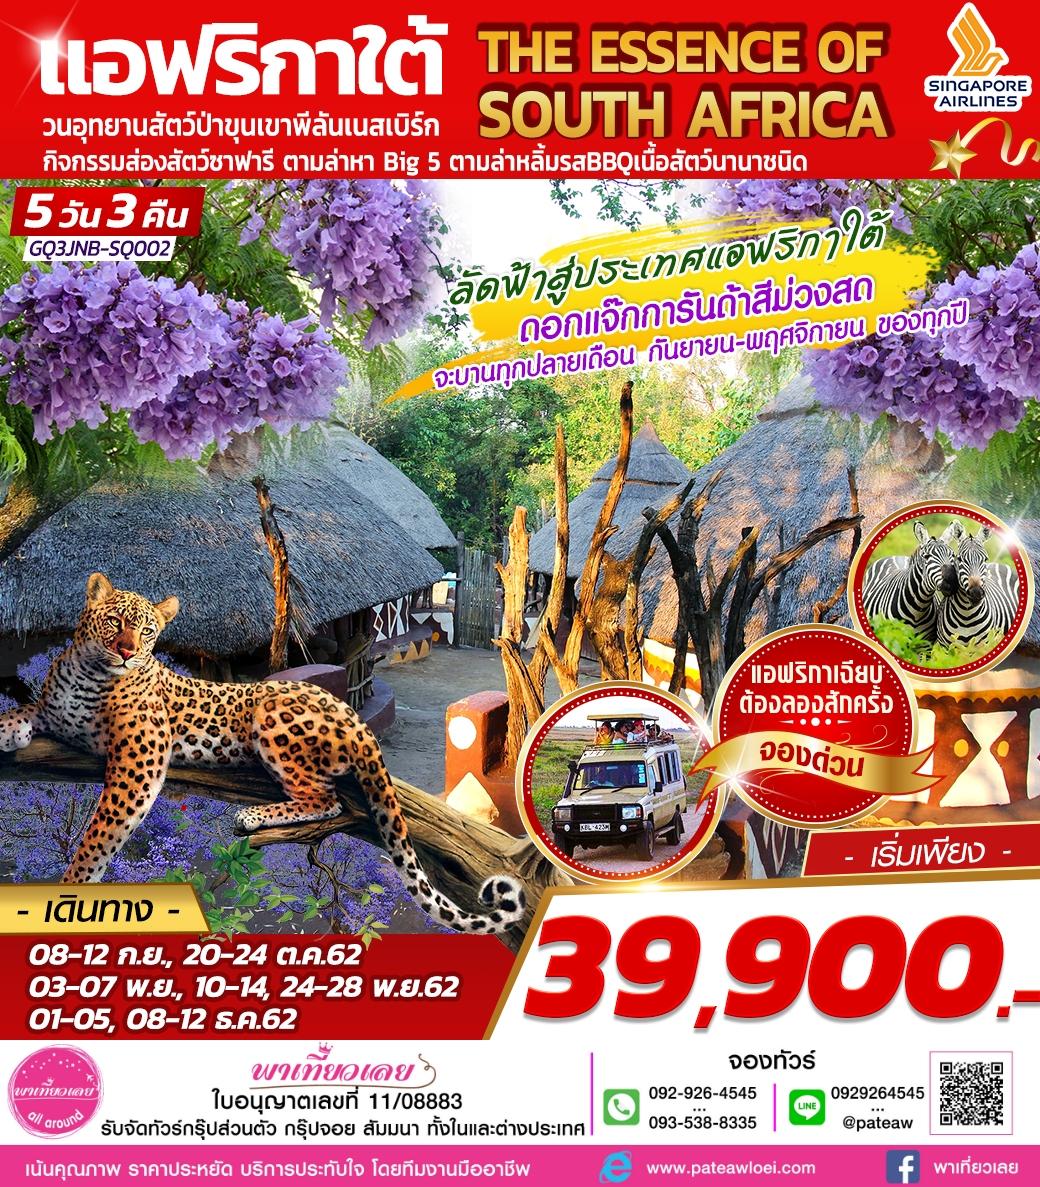 แอฟริกาใต้ THE ESSENCE OF SOUTH AFRICA 5วัน 3คืน